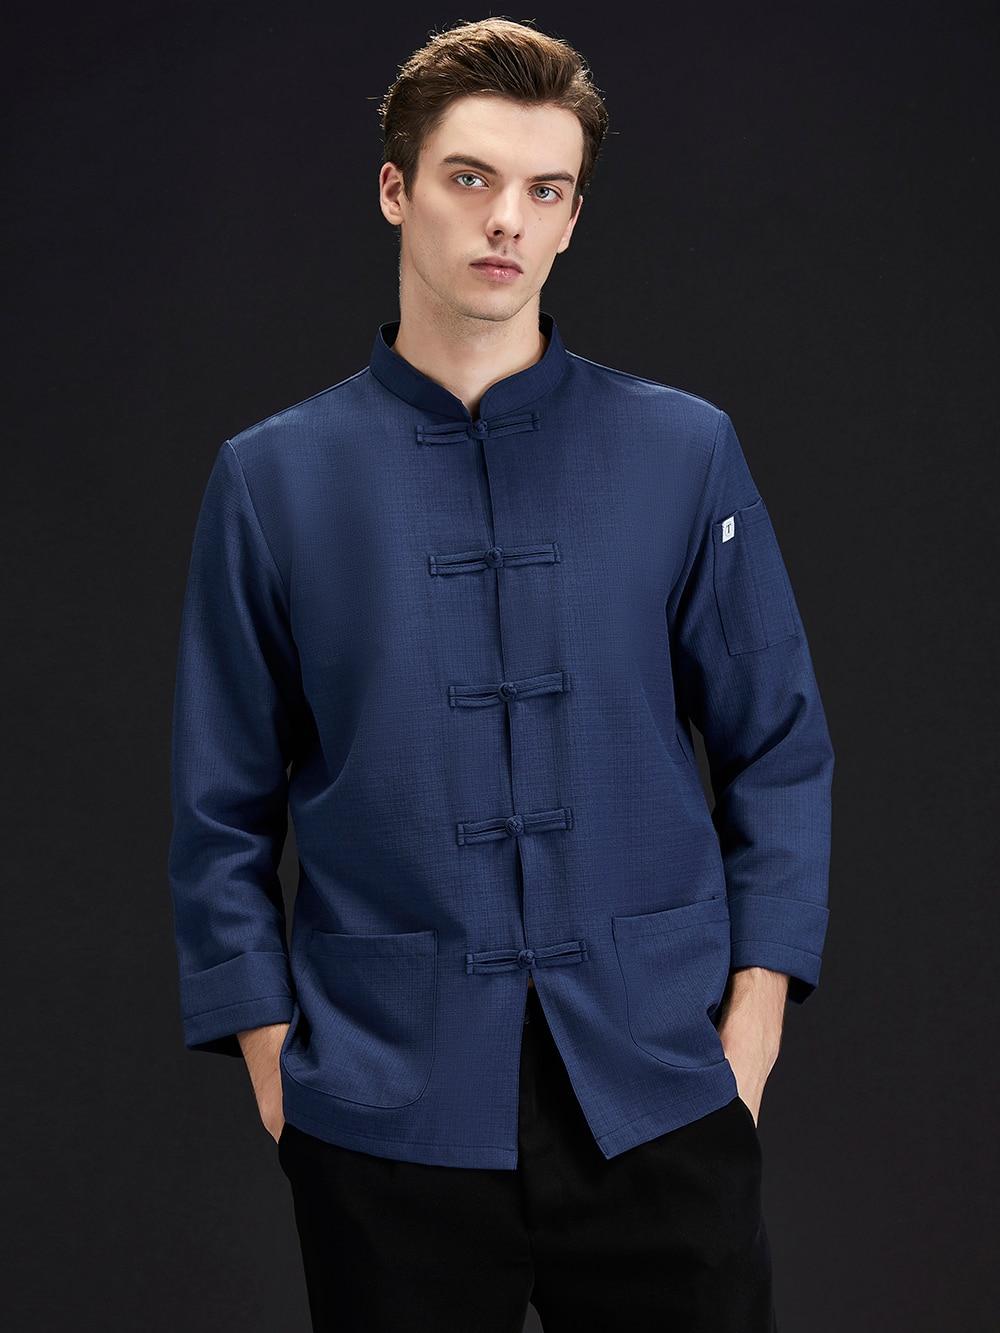 Мужская традиционная китайская одежда на весну и осень, настоящая одежда, мужская одежда кунг-фу, мастер тайцзи, одежда шеф-повара